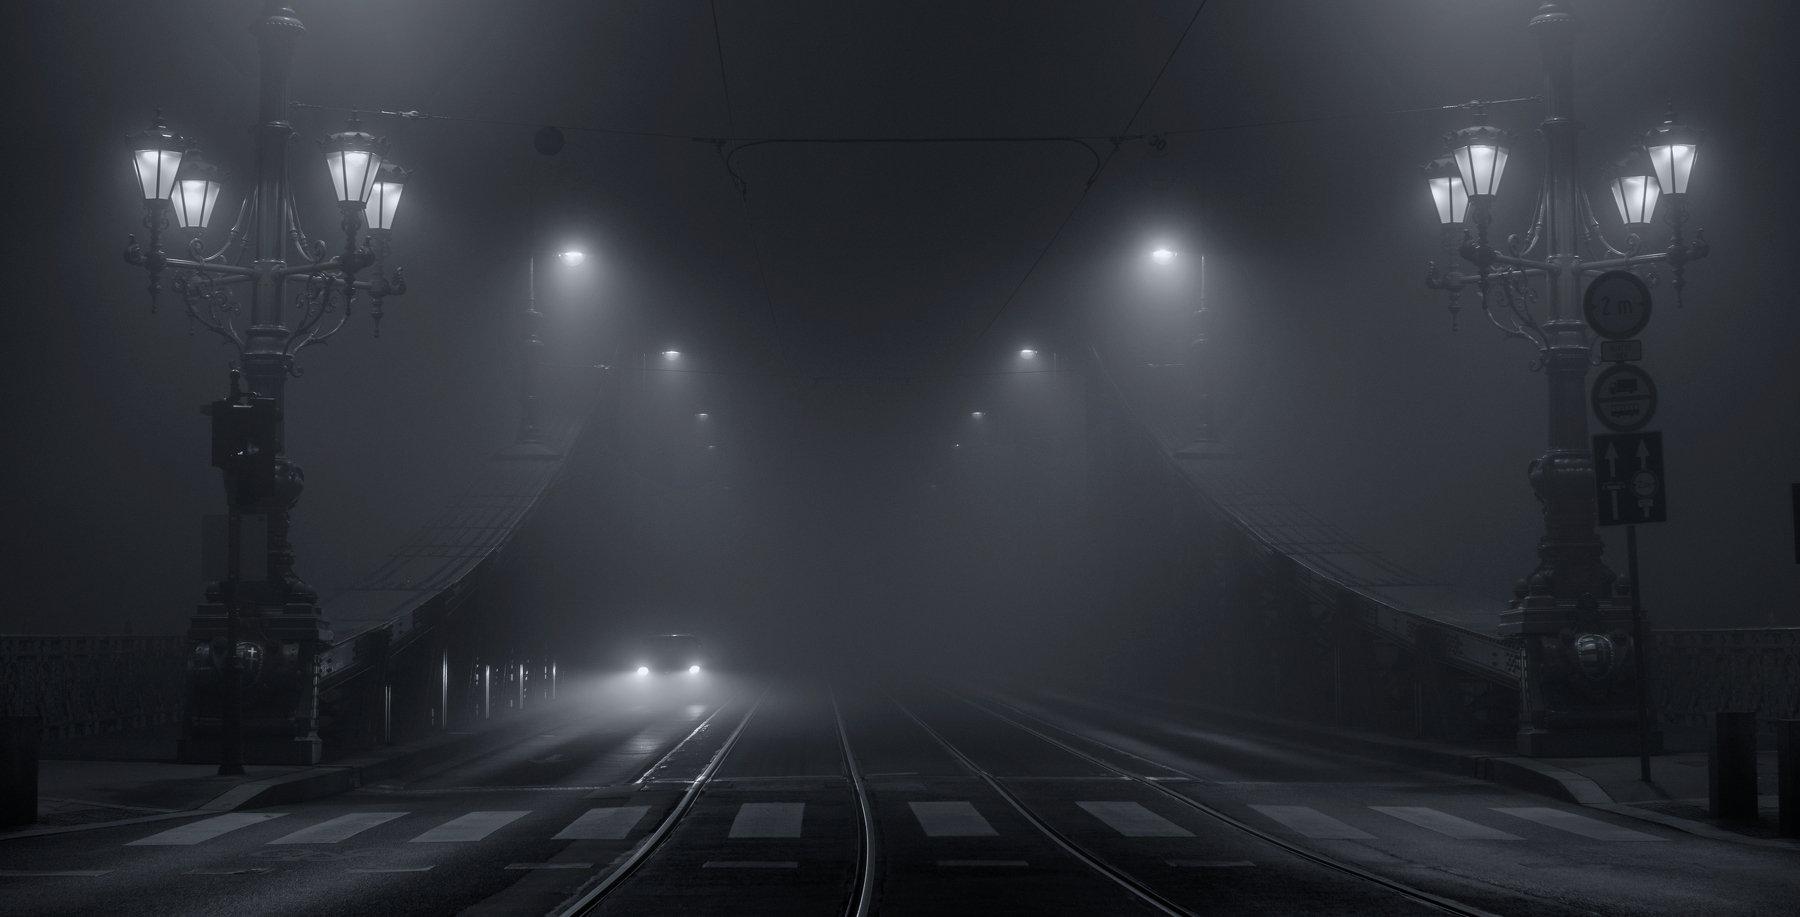 город Будапешт ночь туман архитектура мост городской пейзаж, Сергей Давыдов